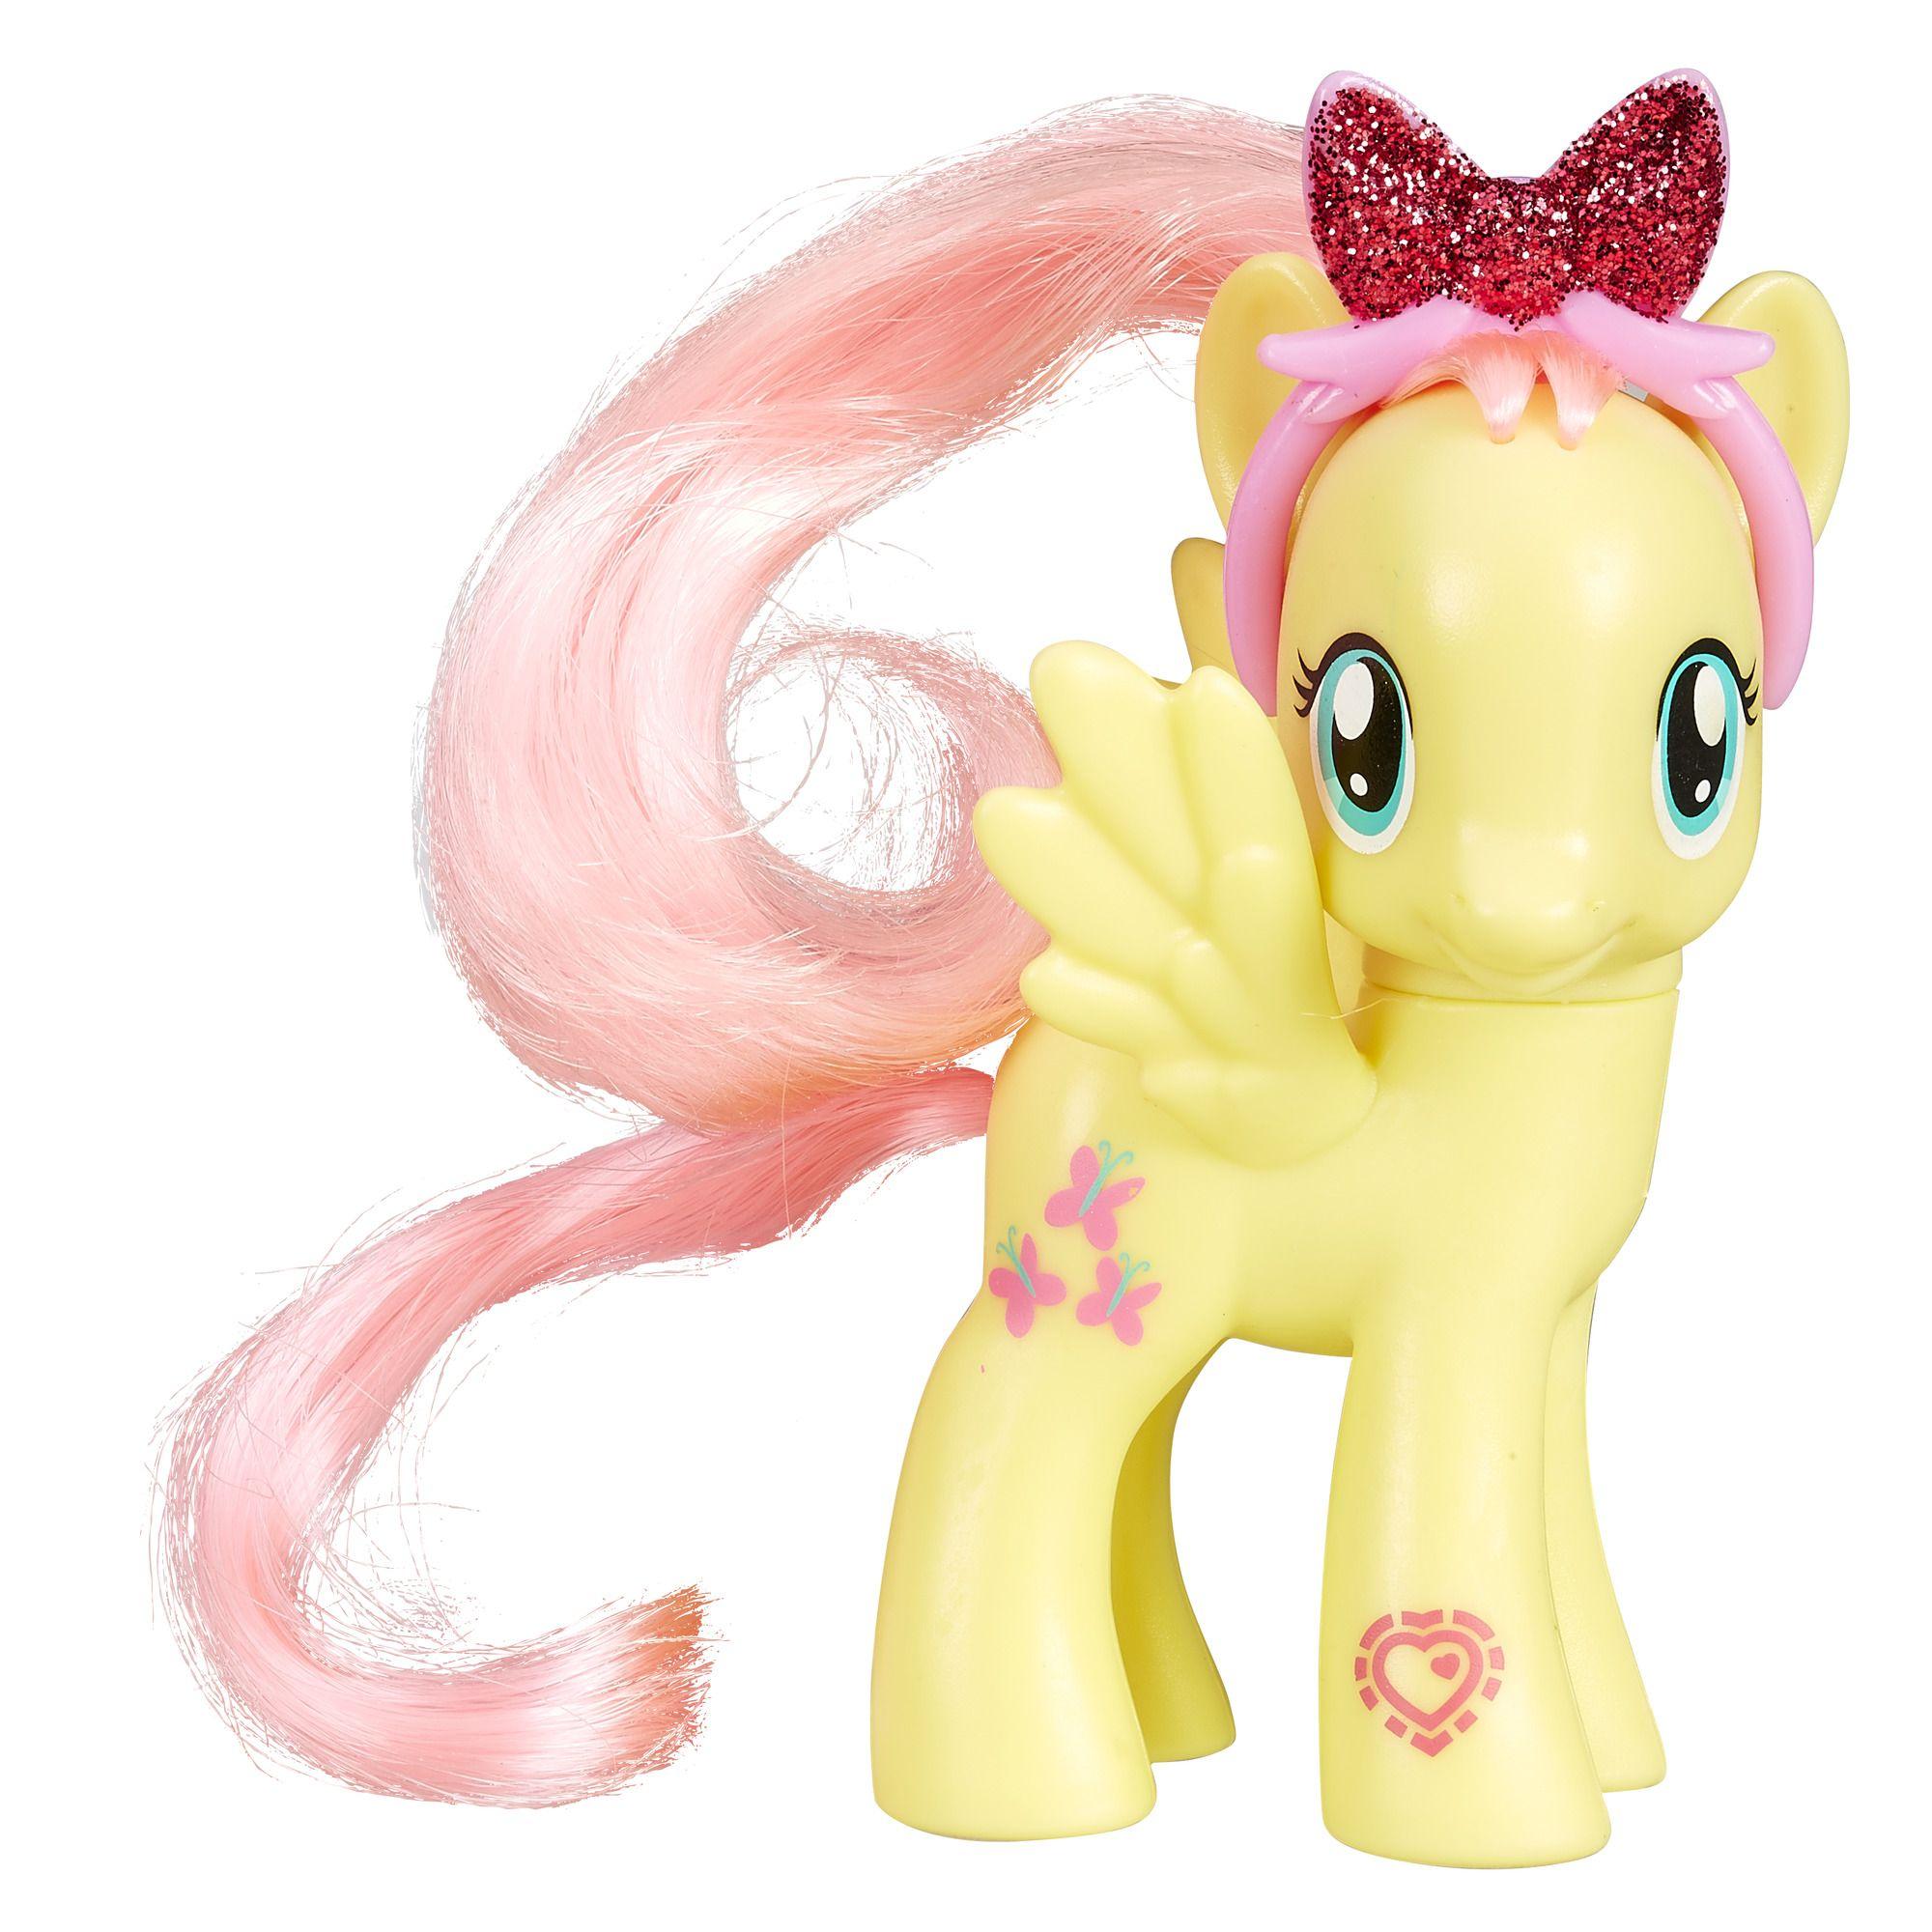 My Little Pony Friendship is Magic Fluttershy Figure in